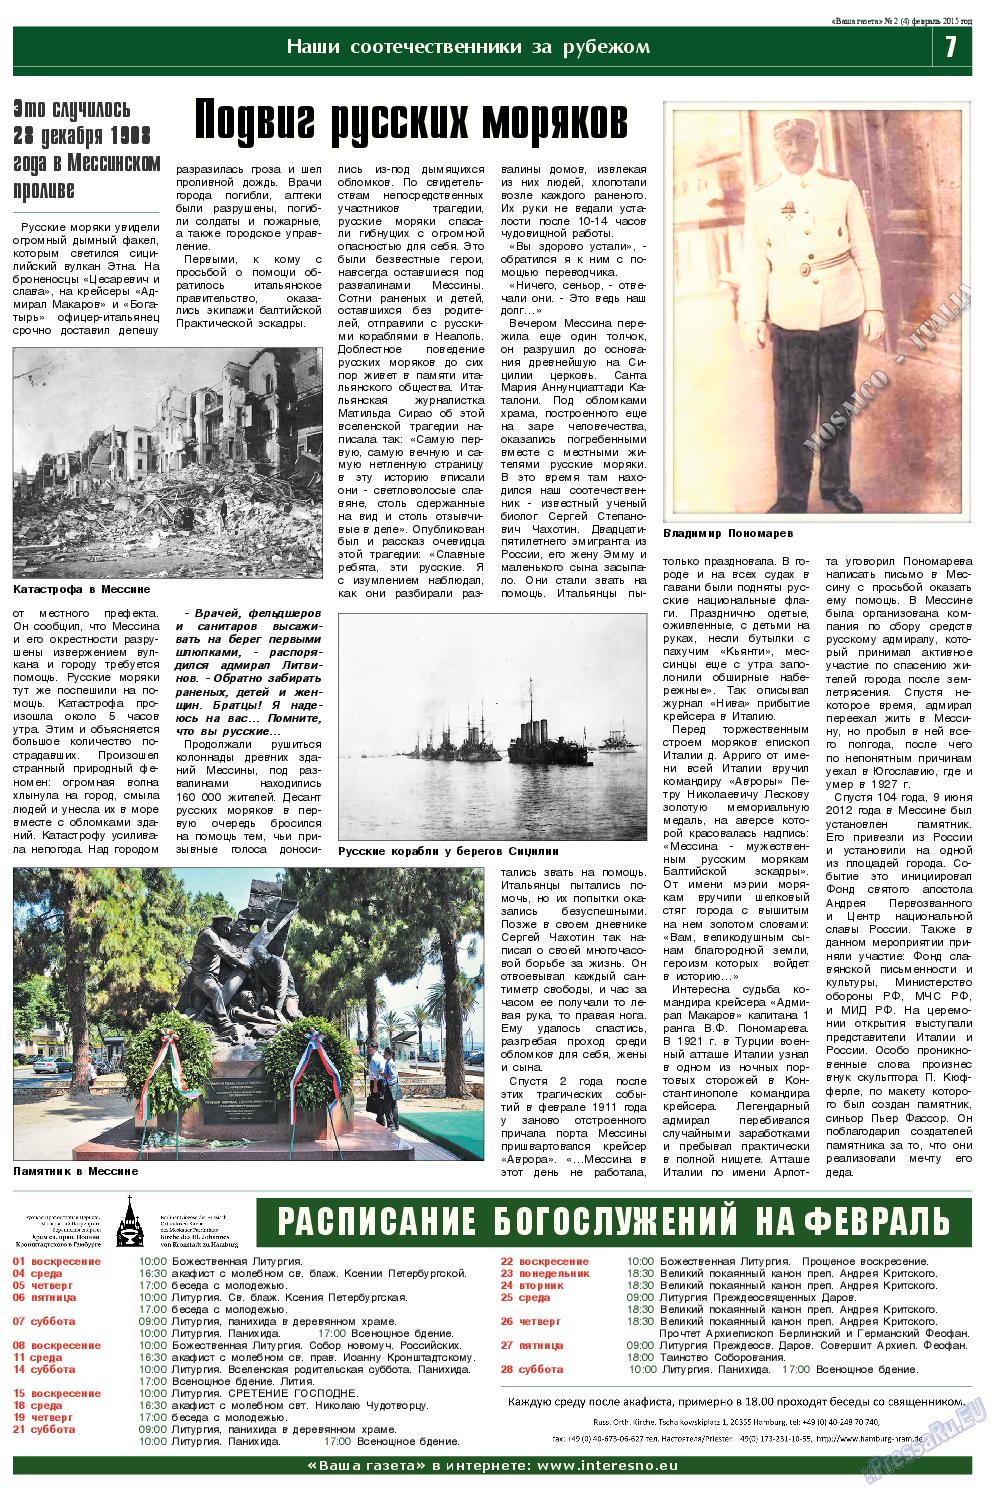 Ваша газета (газета). 2015 год, номер 2, стр. 7